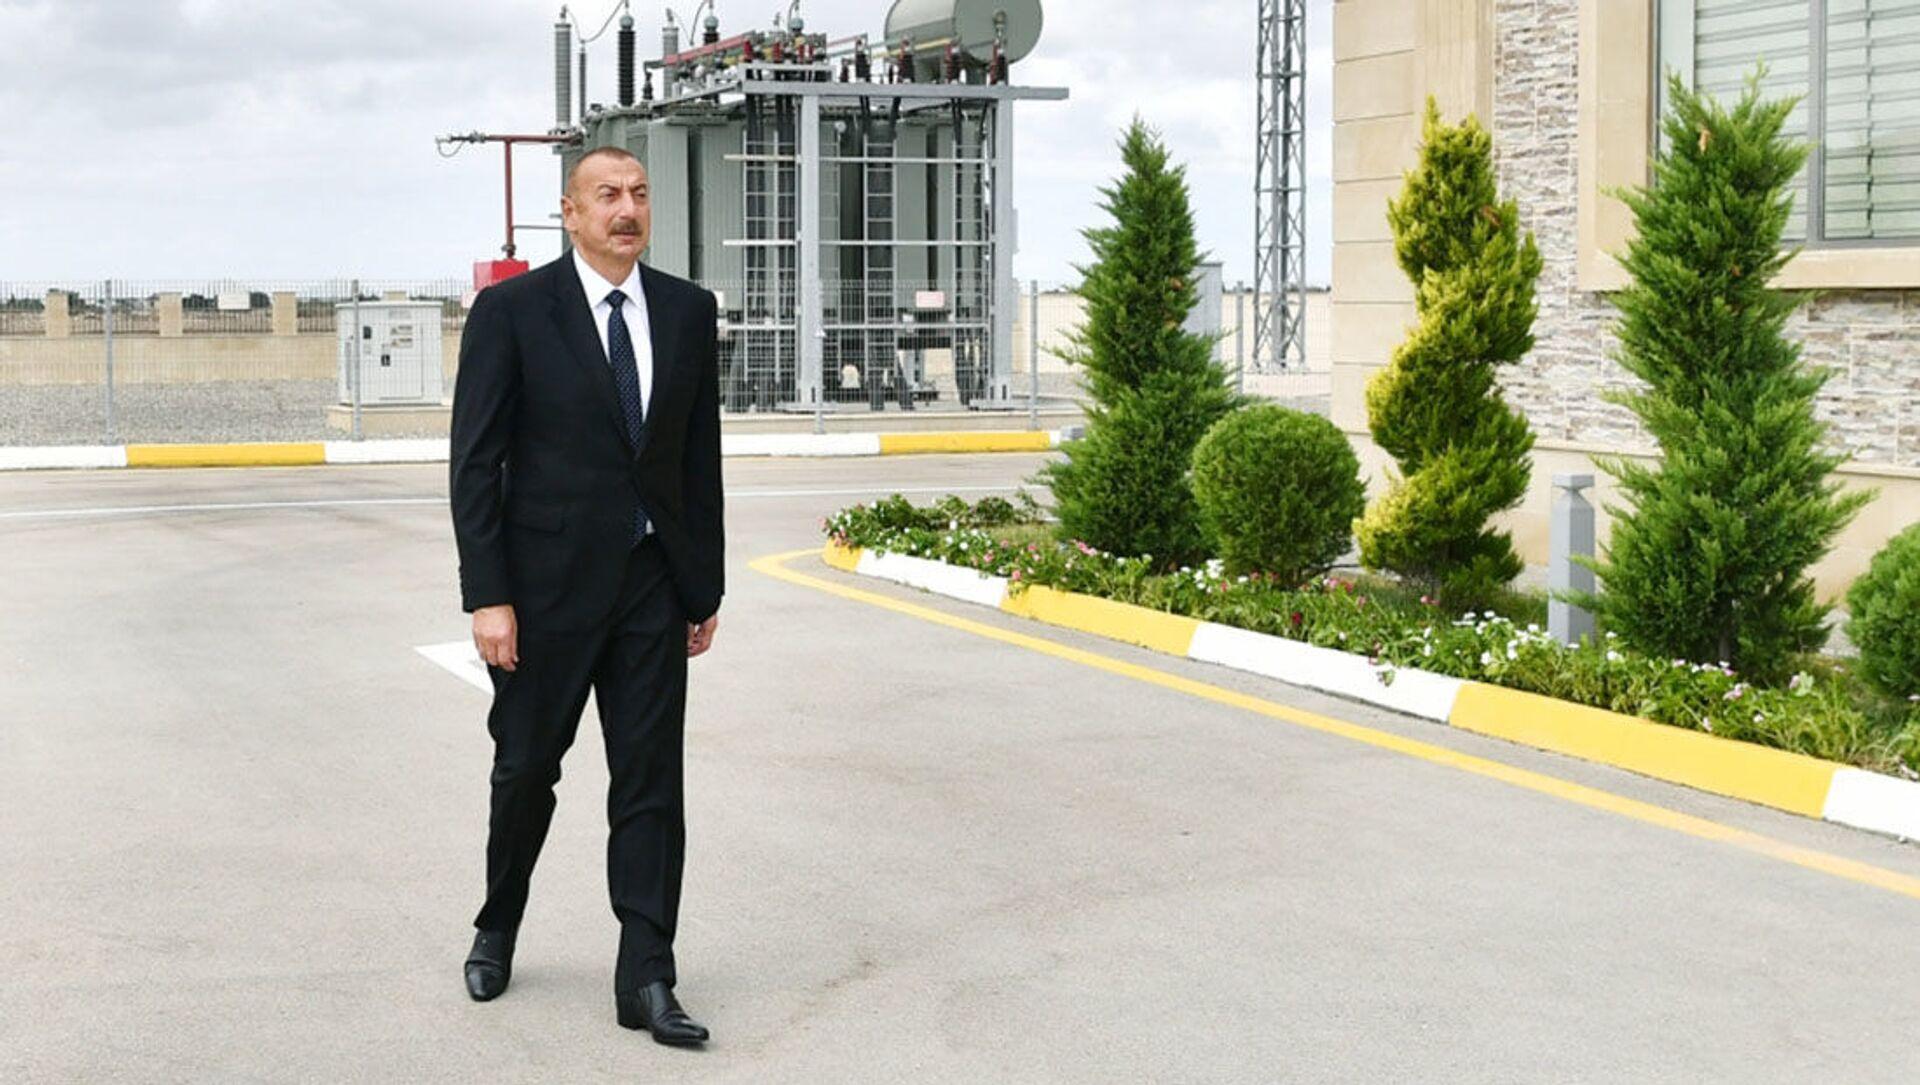 Президент Ильхам Алиев принял участие в открытии подстанции Бузовна-1 в Хазарском районе Баку - Sputnik Azərbaycan, 1920, 15.09.2021